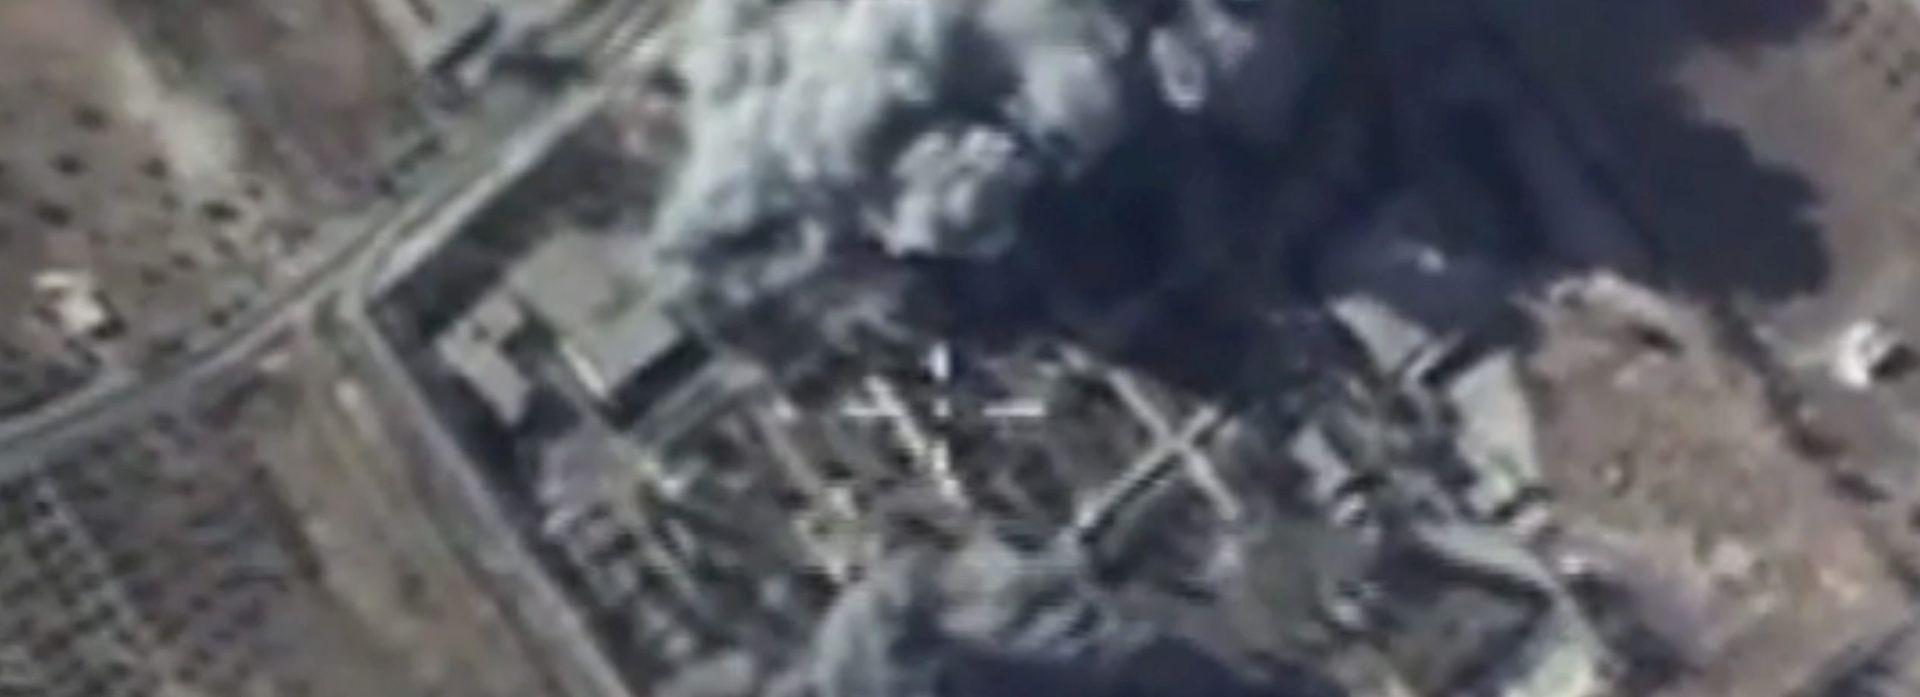 SAD OCIJENIO: Ruski zračni udari prijete mirovnom procesu